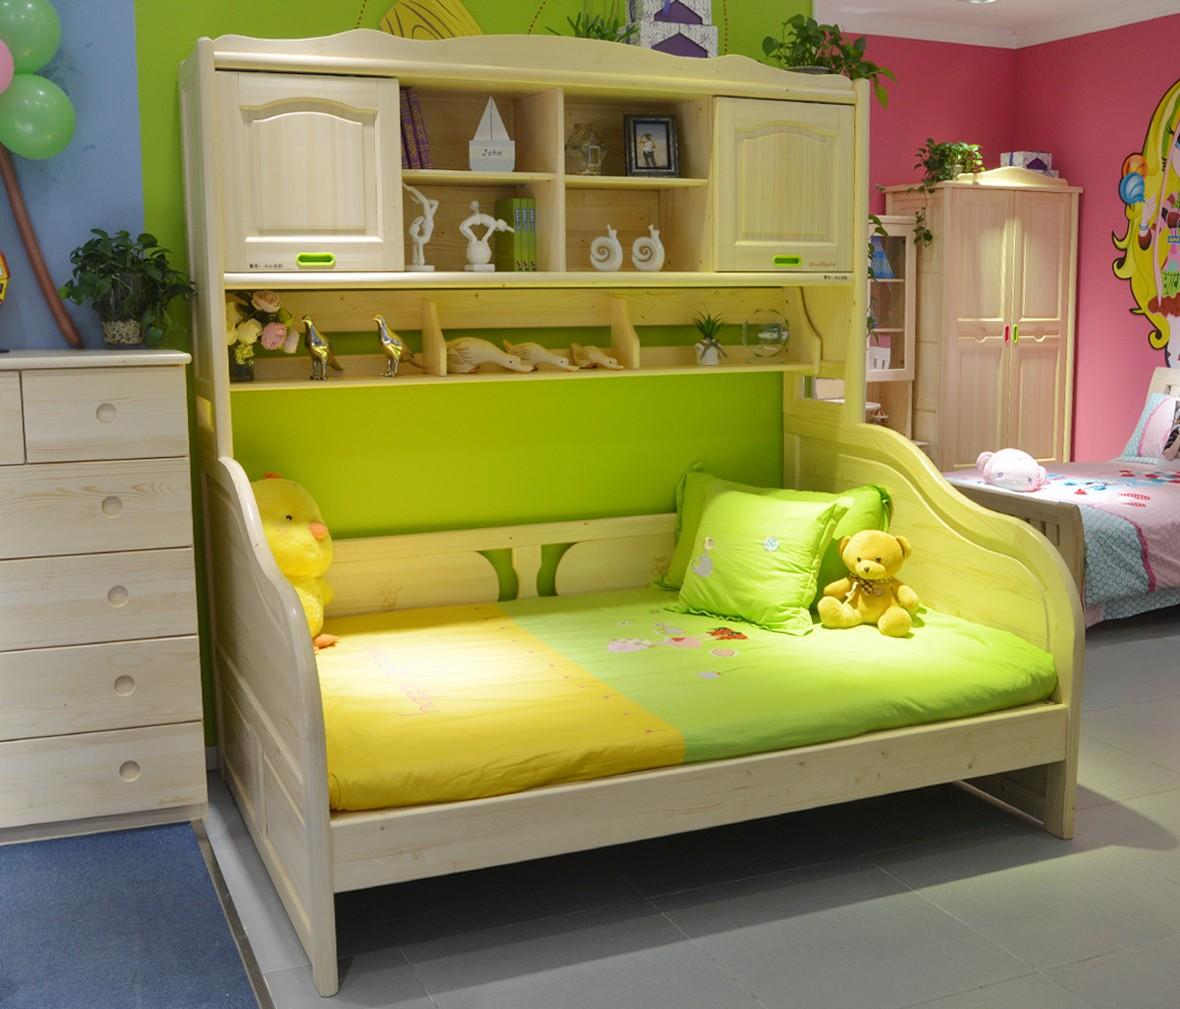 松堡王国 SP-A-C307S型号功能床 芬兰松木材质儿童家具 商品情景